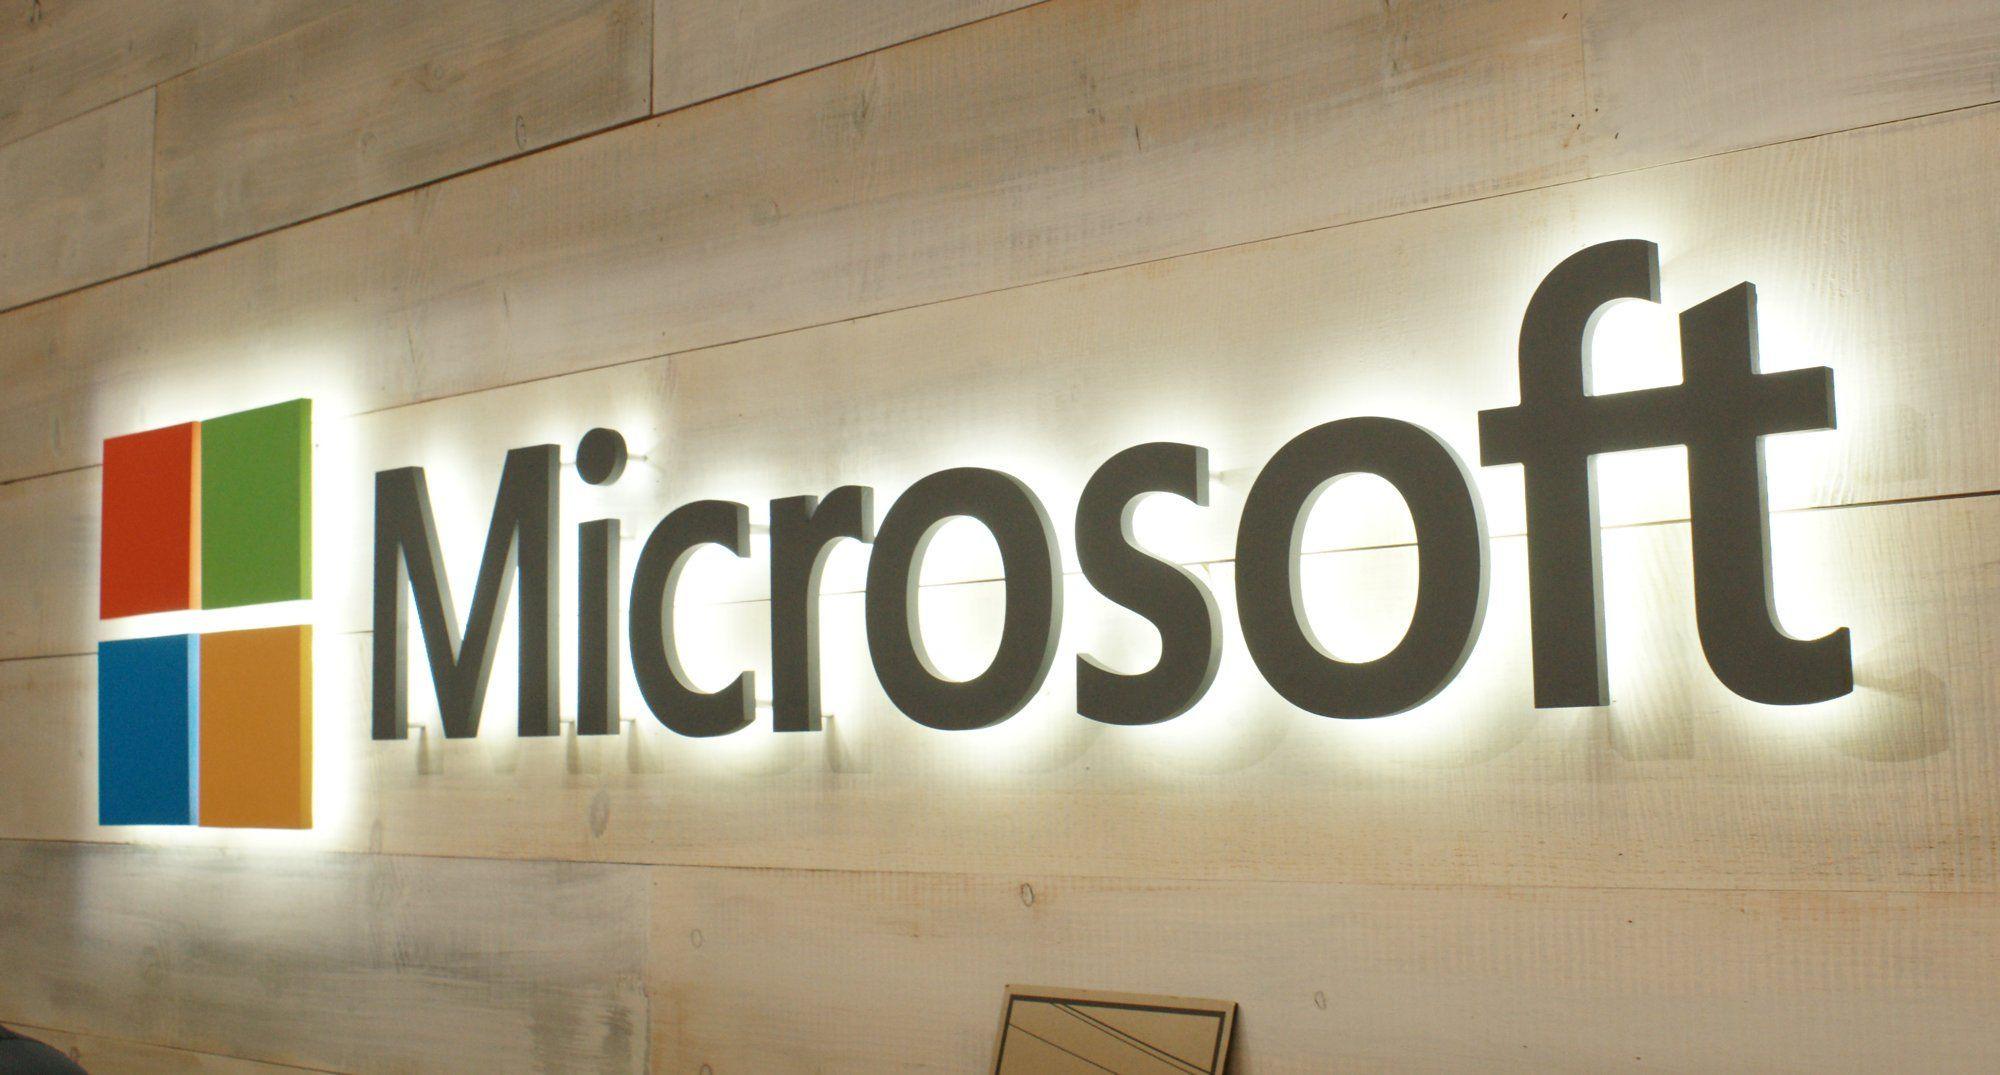 АнтивирусноеПО Microsoft способно защитить устройства отвируса-вымогателя Petya